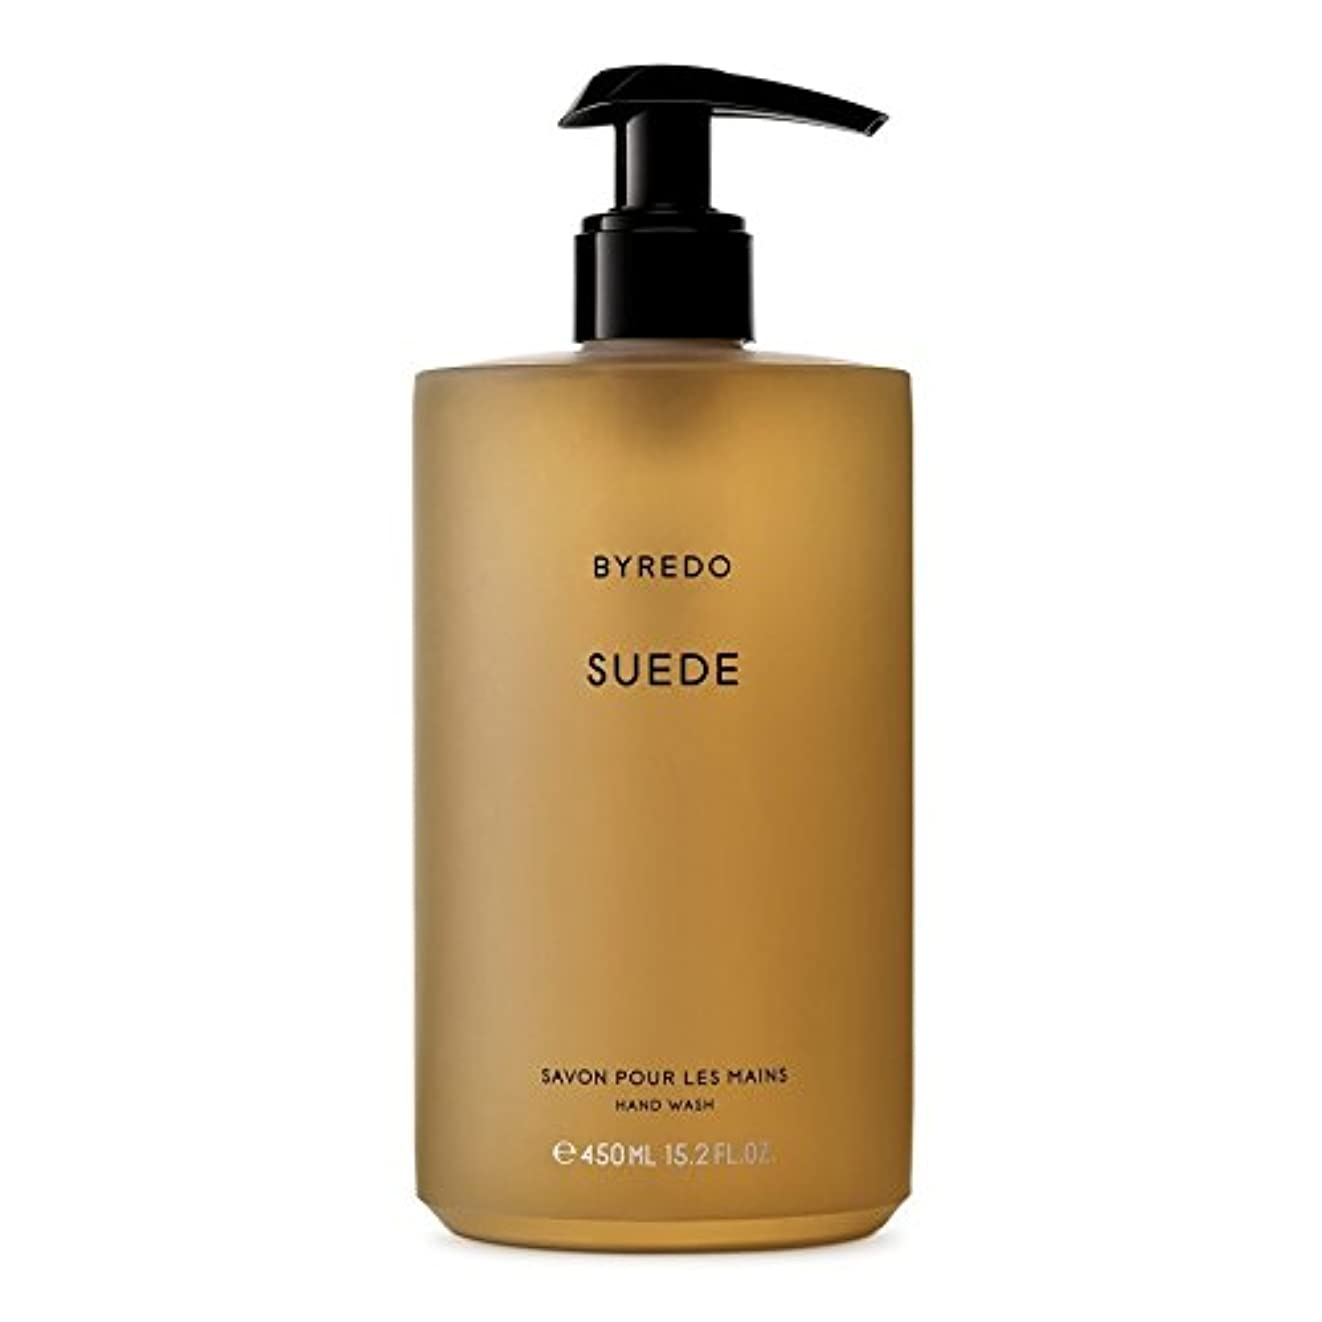 支援検索ネイティブByredo Suede Hand Wash 450ml - スエードのハンドウォッシュ450ミリリットル [並行輸入品]